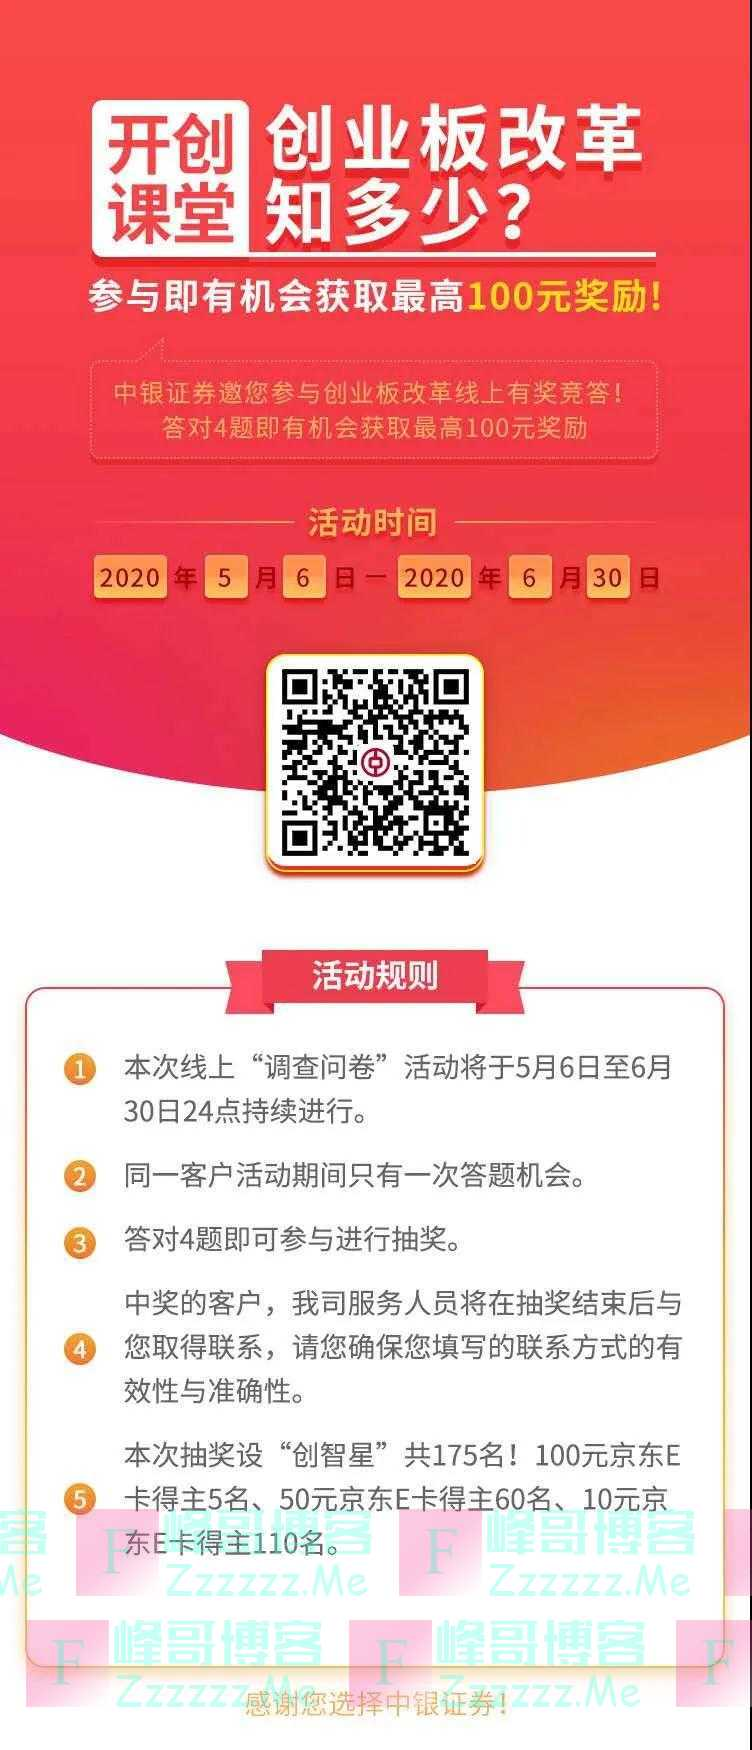 中银证券创业板改革有奖竞答(截止6月30日)